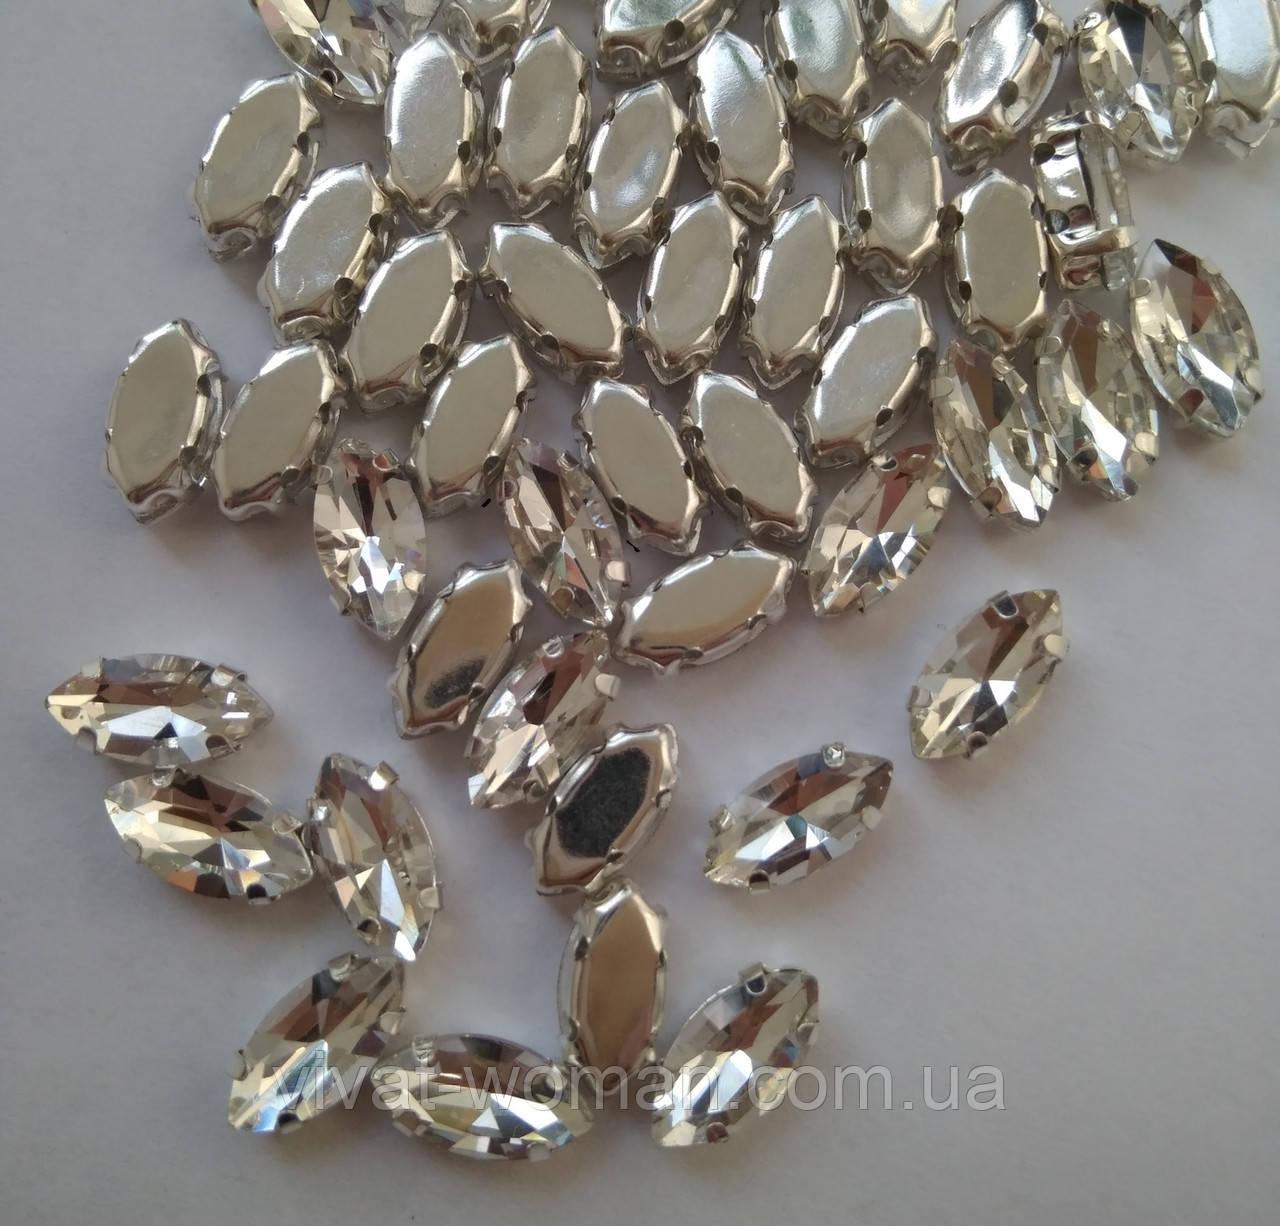 Стразы в цапах, Лодочка 9х18 мм, Crystal, стекло, серебряная оправа. Цена за 1 шт